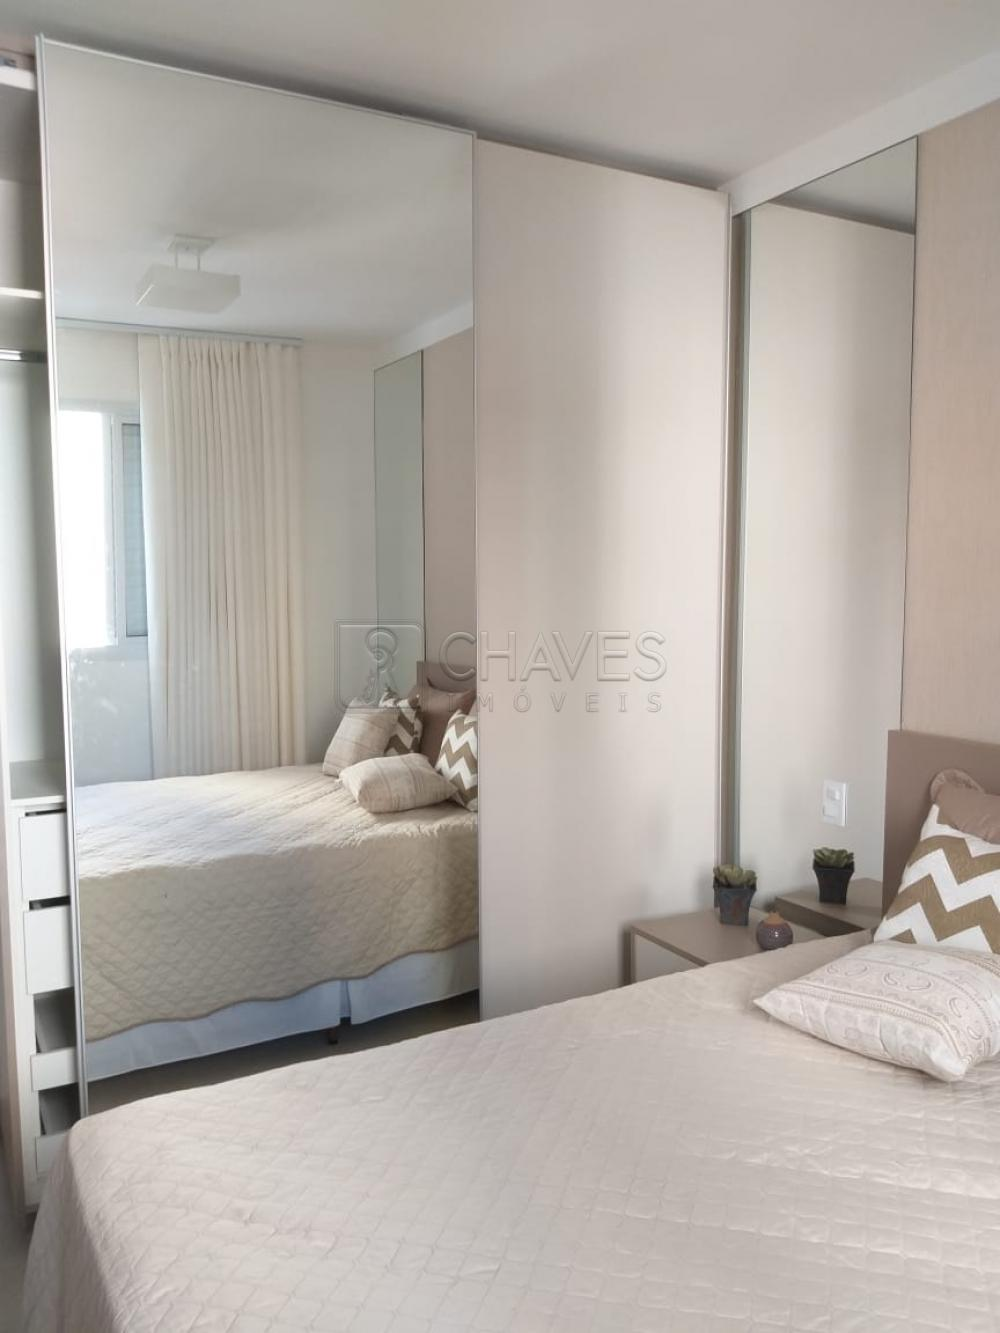 Comprar Apartamento / Padrão em Ribeirão Preto apenas R$ 586.450,00 - Foto 29